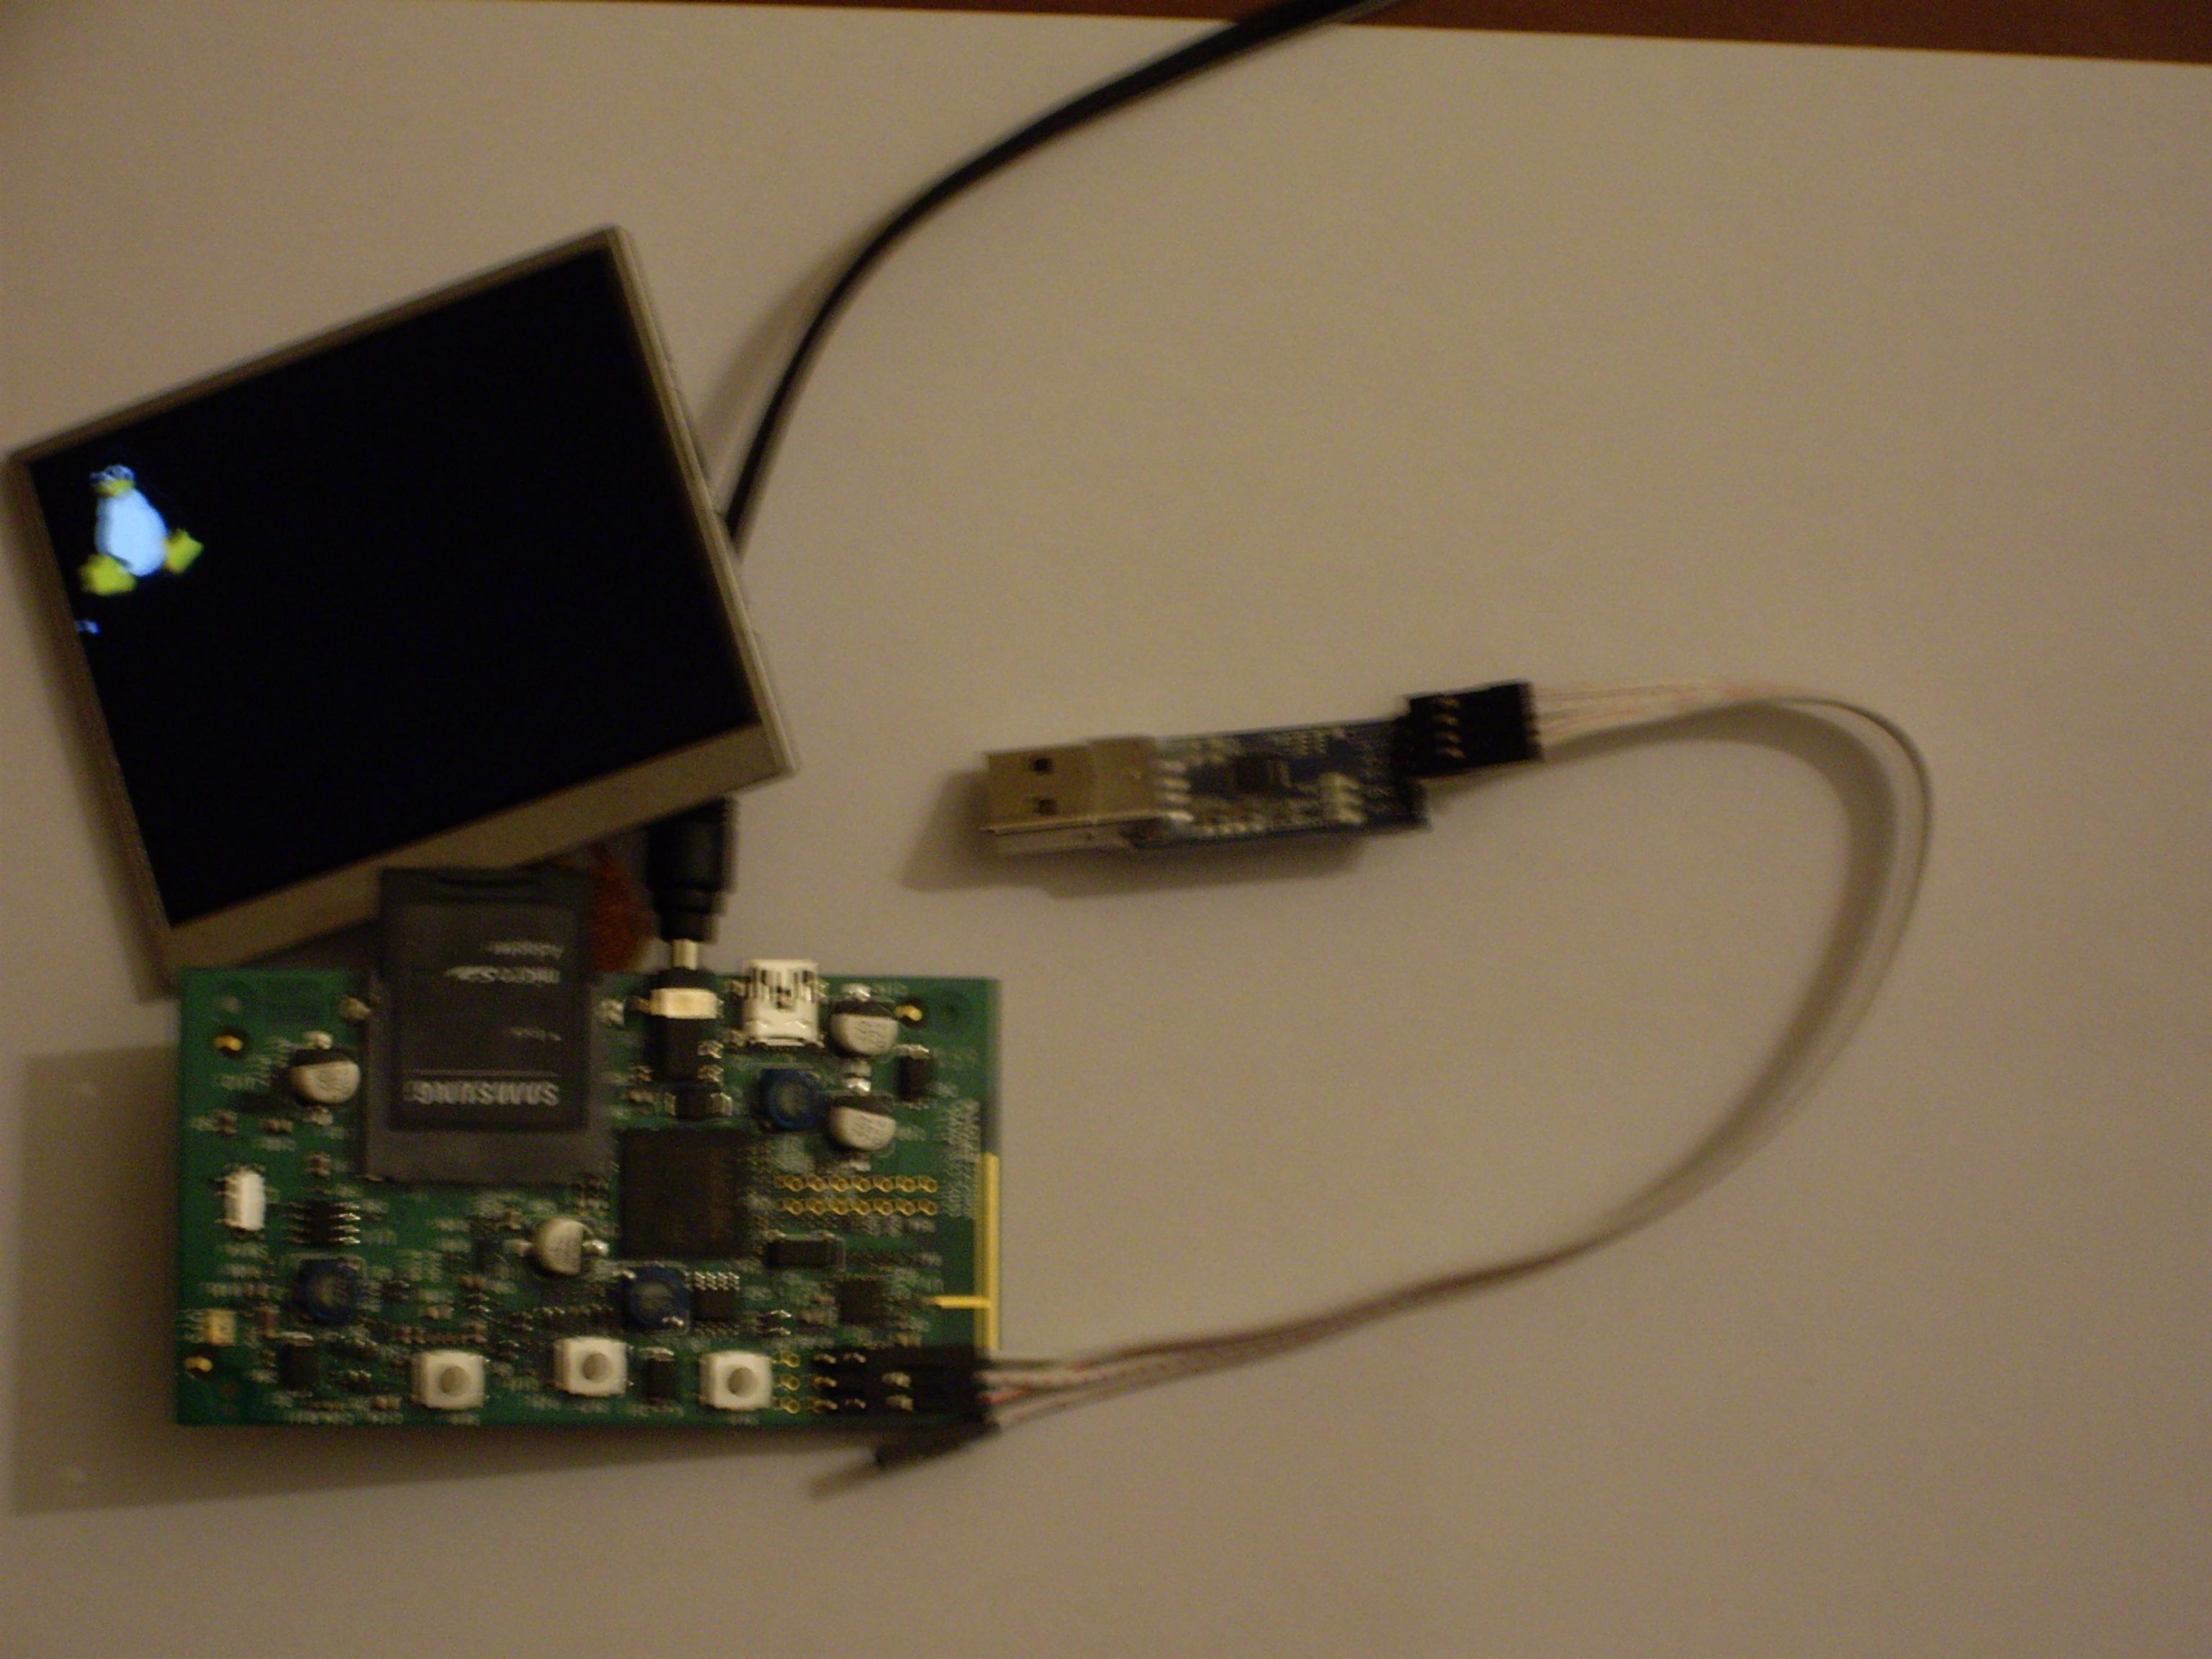 SISTEMAS O.R.P | Blog sobre informática, electrónica, robótica y ...